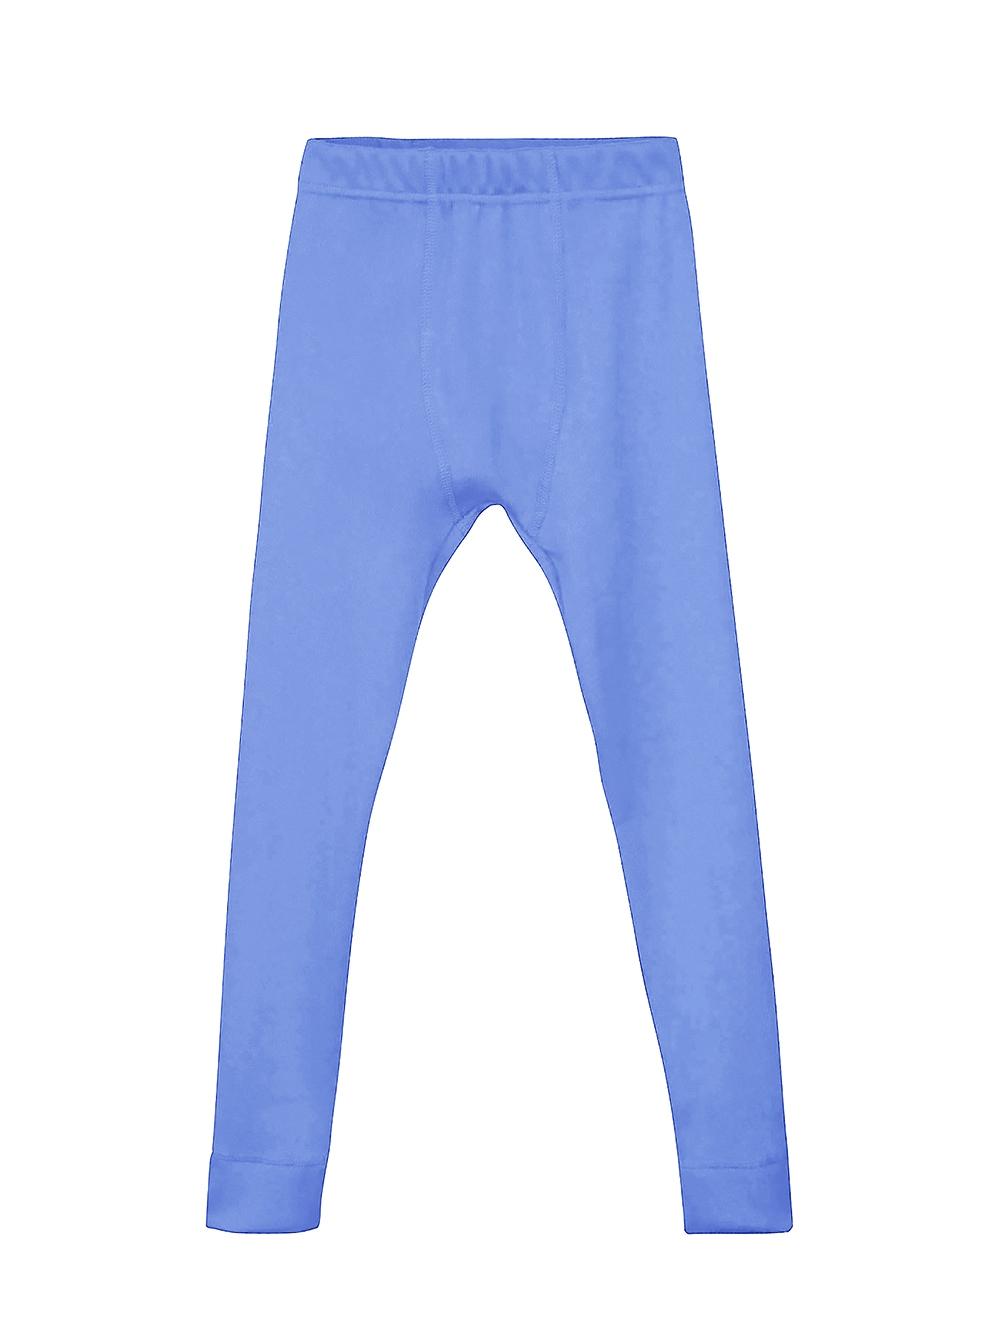 Кальсоны 103681, цвет: Синий иней • цена: 99 грн • купить ...